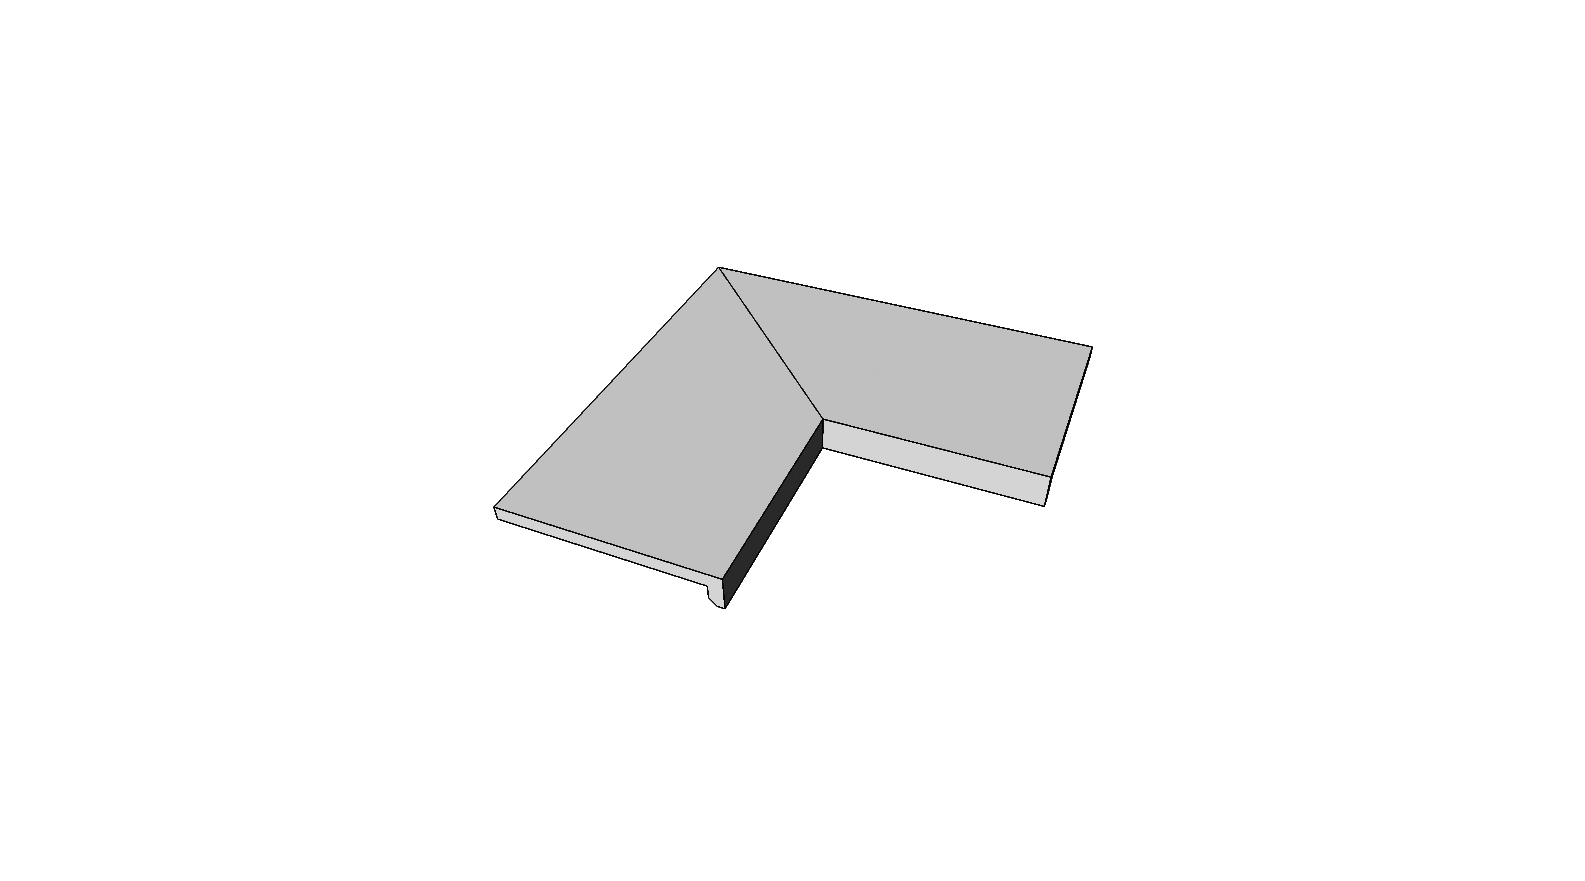 """Bordo a L incollato angolo interno completo (2pz) <span style=""""white-space:nowrap;"""">30x60 cm</span>  <span style=""""white-space:nowrap;"""">sp. 20mm</span>"""